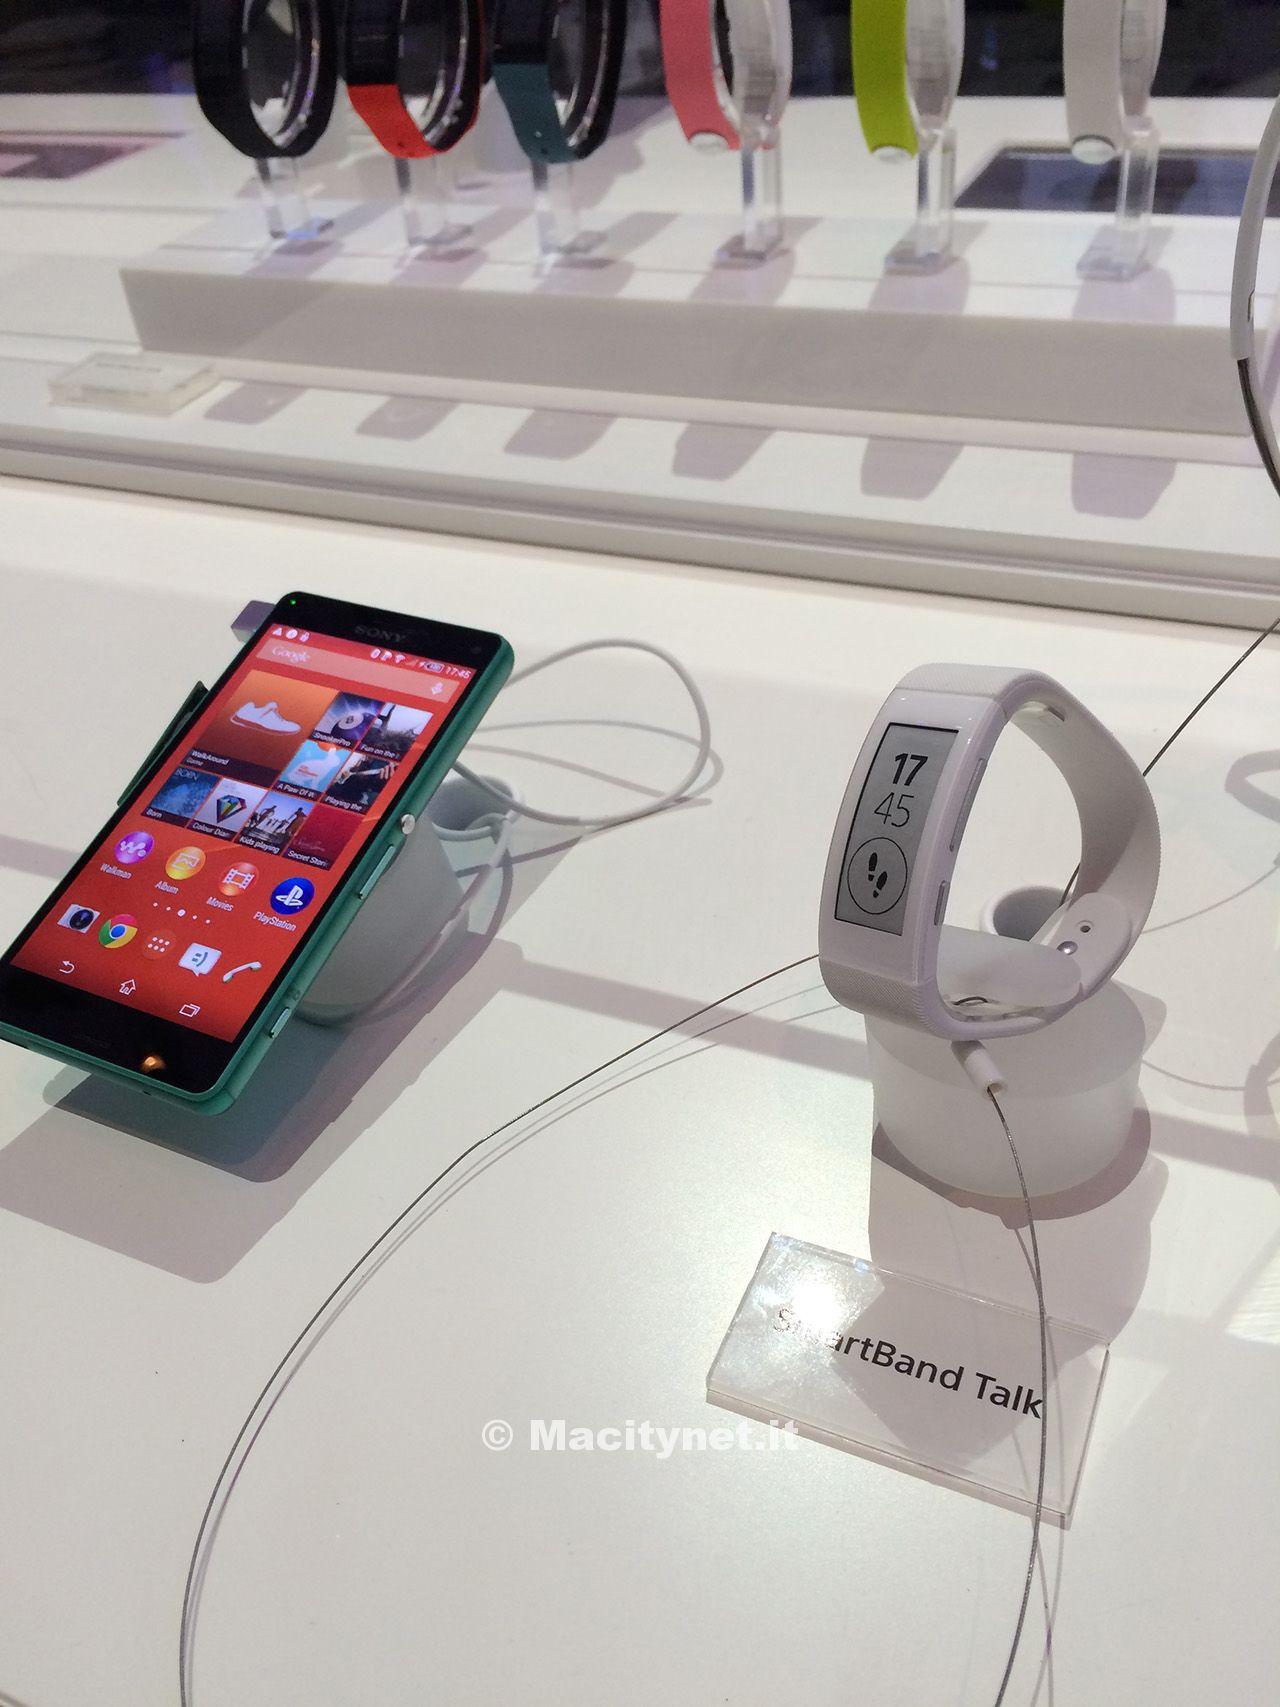 IFA 2014: ufficiale Smartband Talk, il bracciale di Sony per il lifeblogging